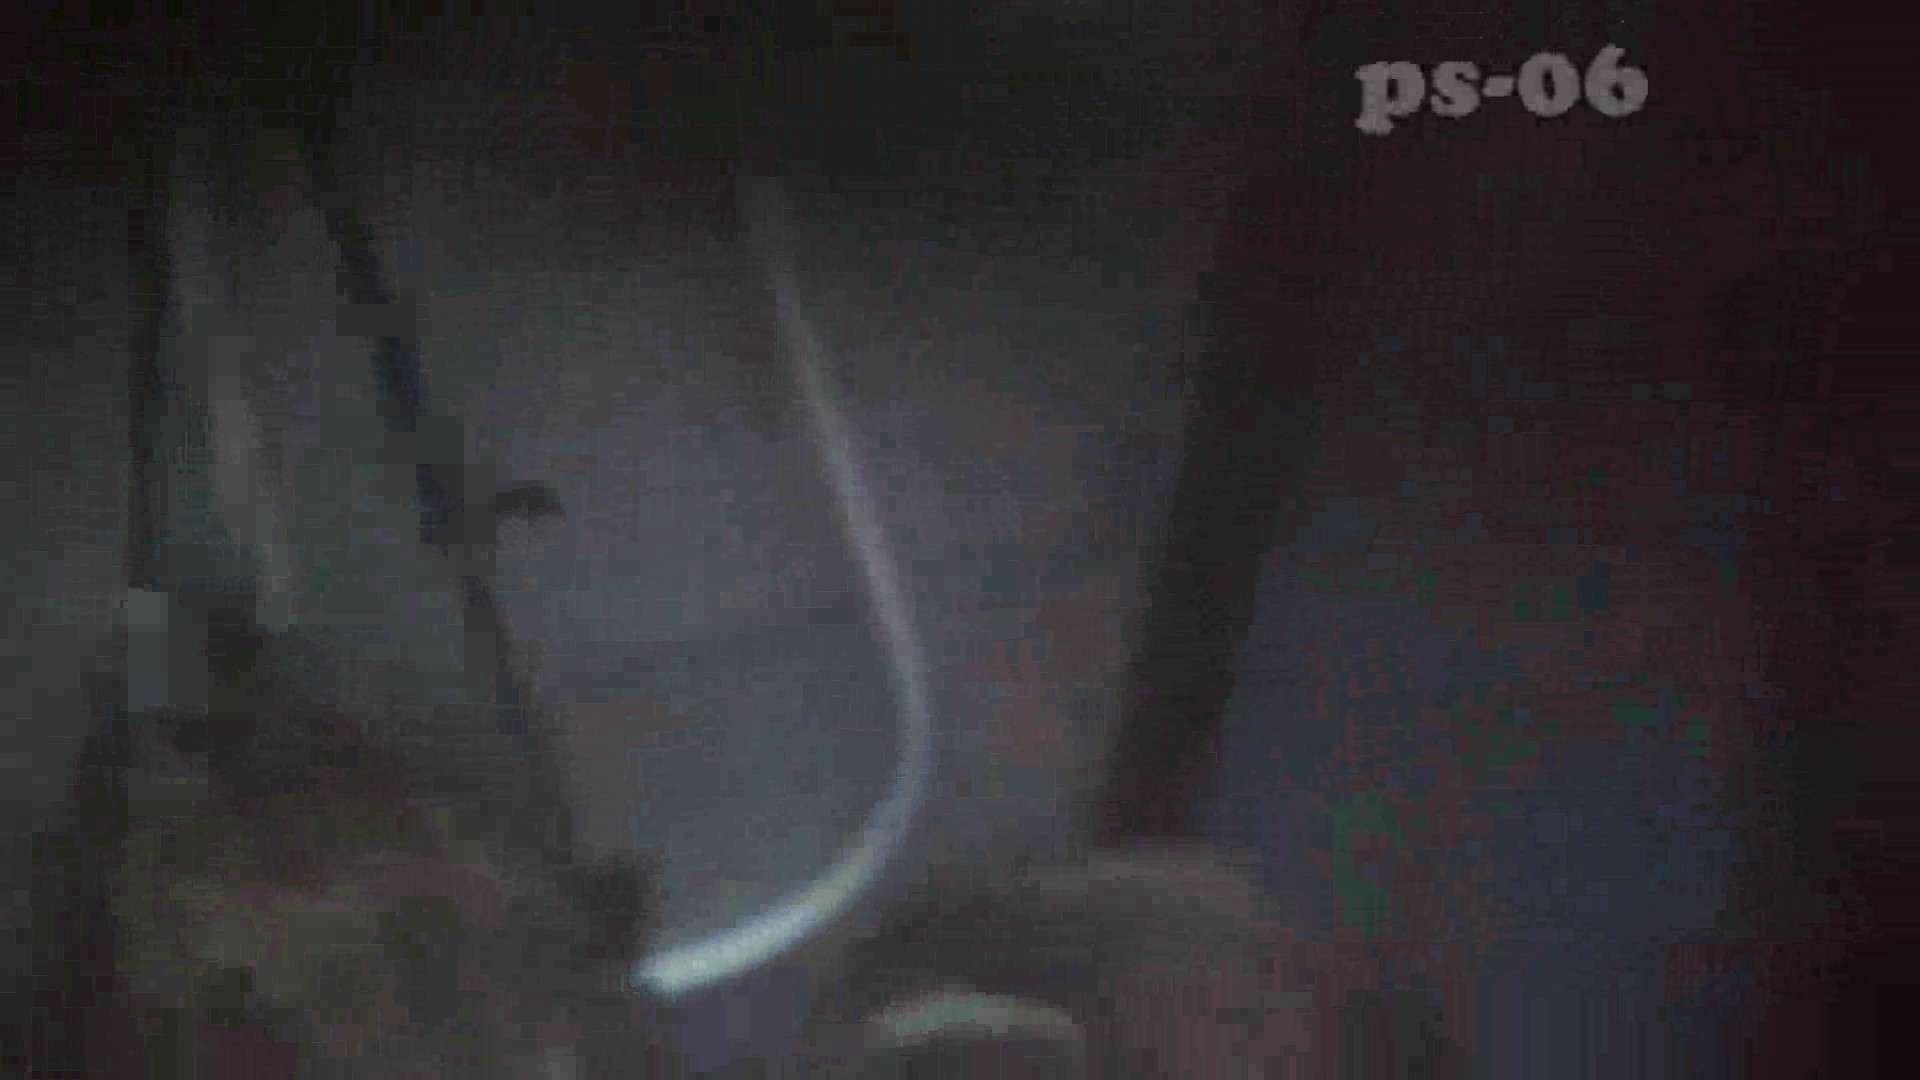 シャワールームは危険な香りVol.6(ハイビジョンサンプル版) シャワー ヌード画像 99枚 13